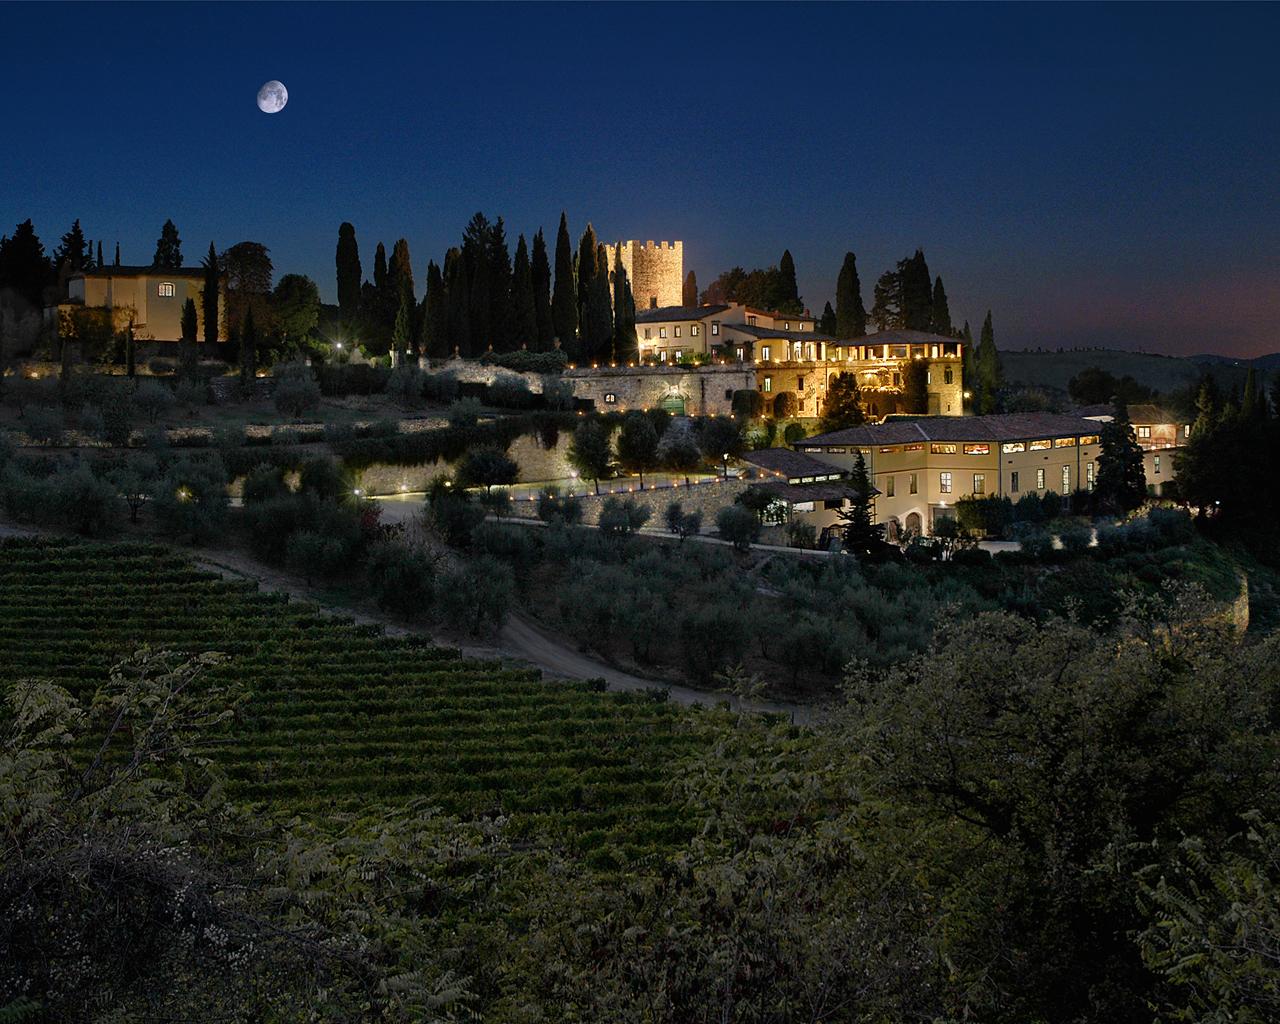 castello-di-verrazzano-di-notte